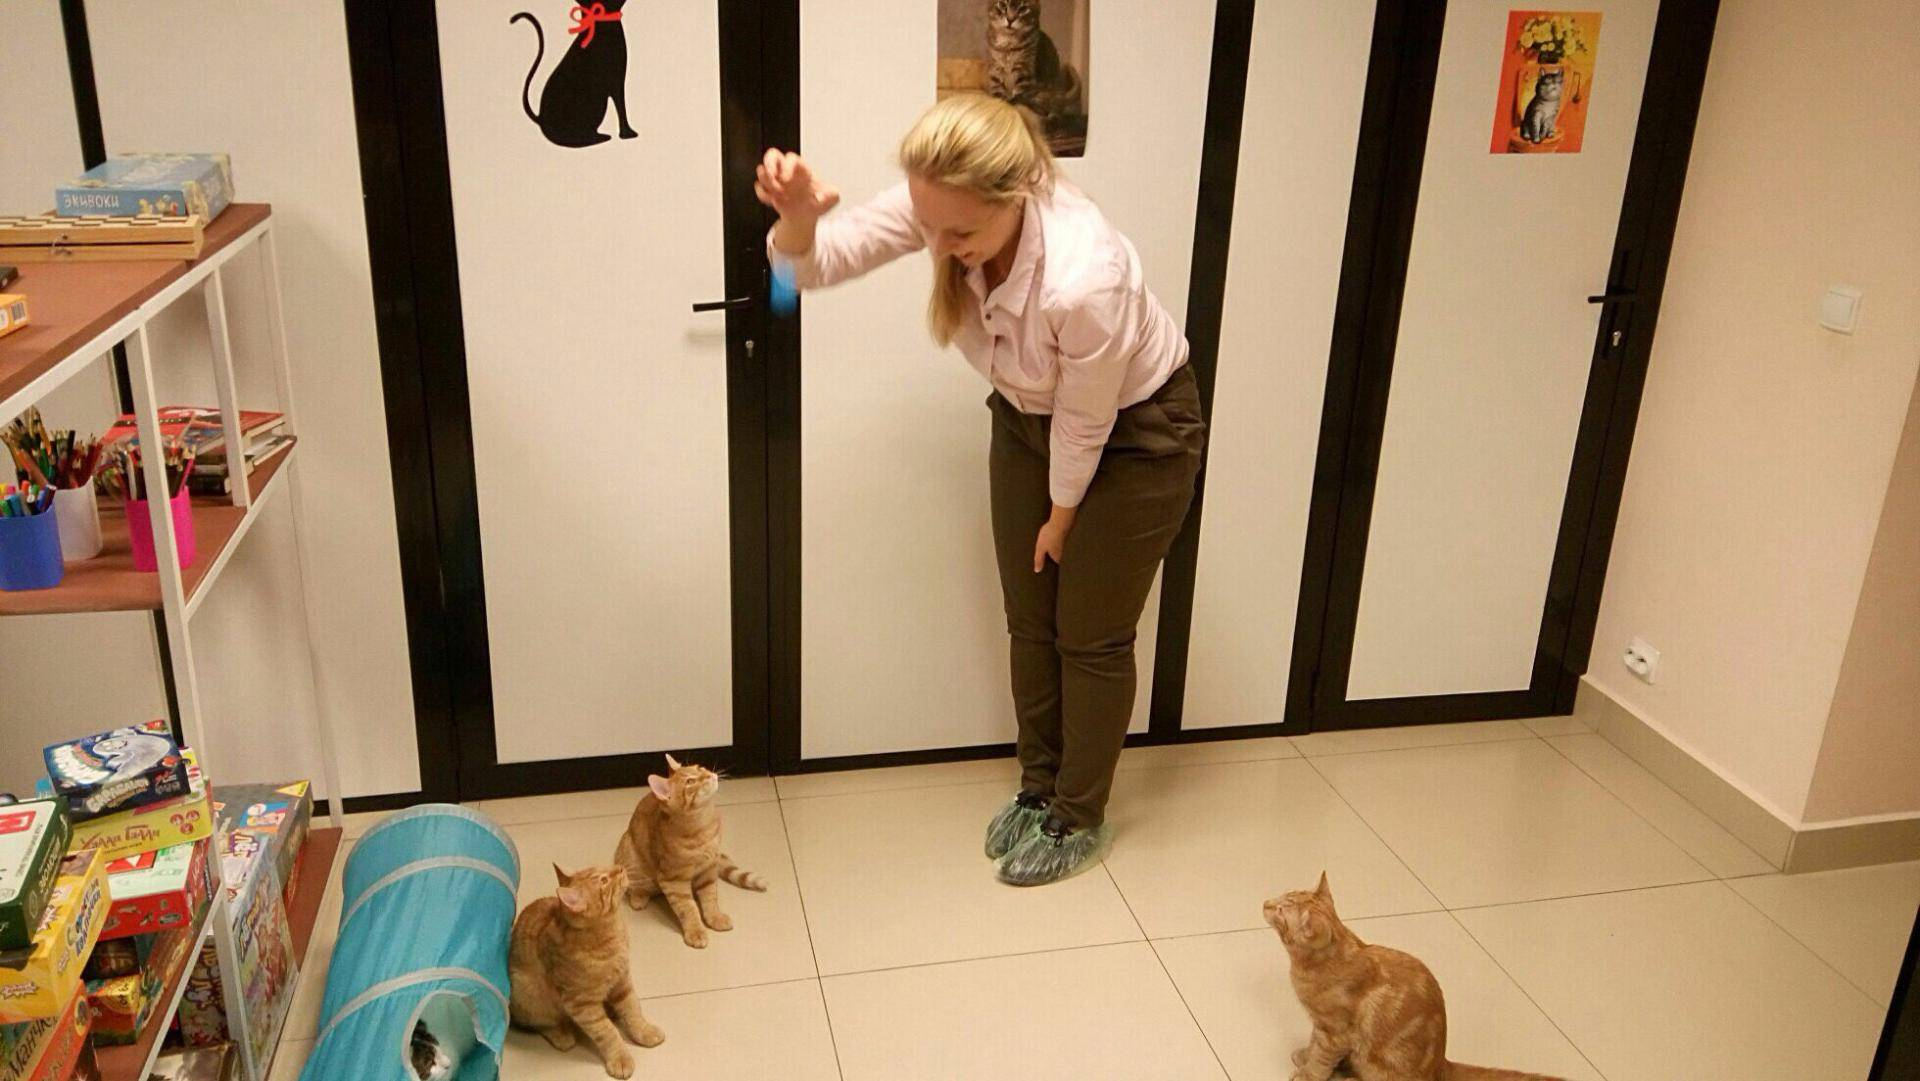 Кафе, куда пускают с животными в спб, можно приходить с собаками - 32 места